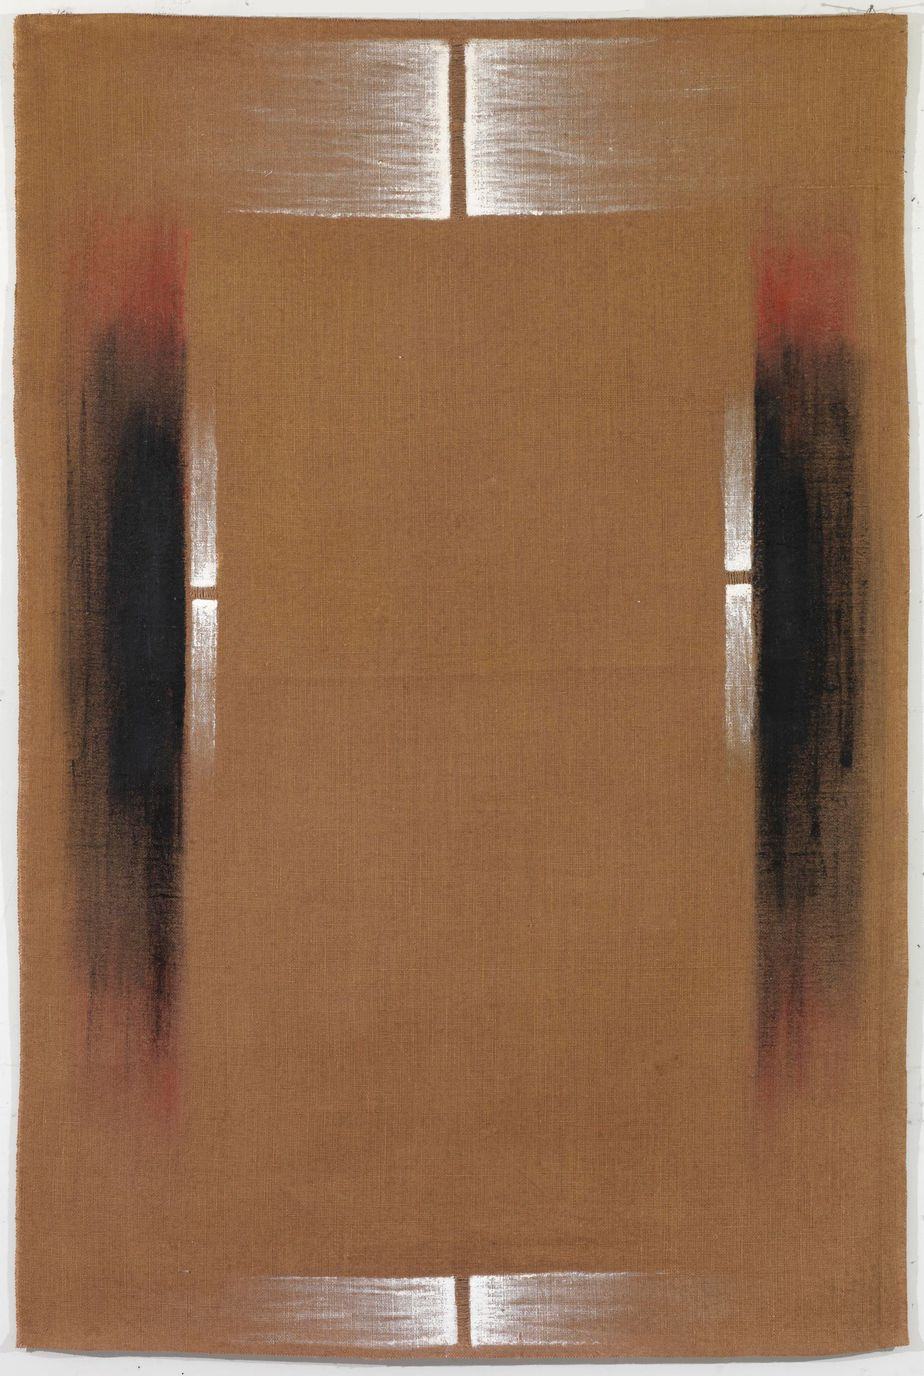 """Δανιήλ Παναγόπουλος, """"Ι-ΙΙΙ_81"""", 1981, Λάδι σε λινάτσα, 155 x 100 εκ."""